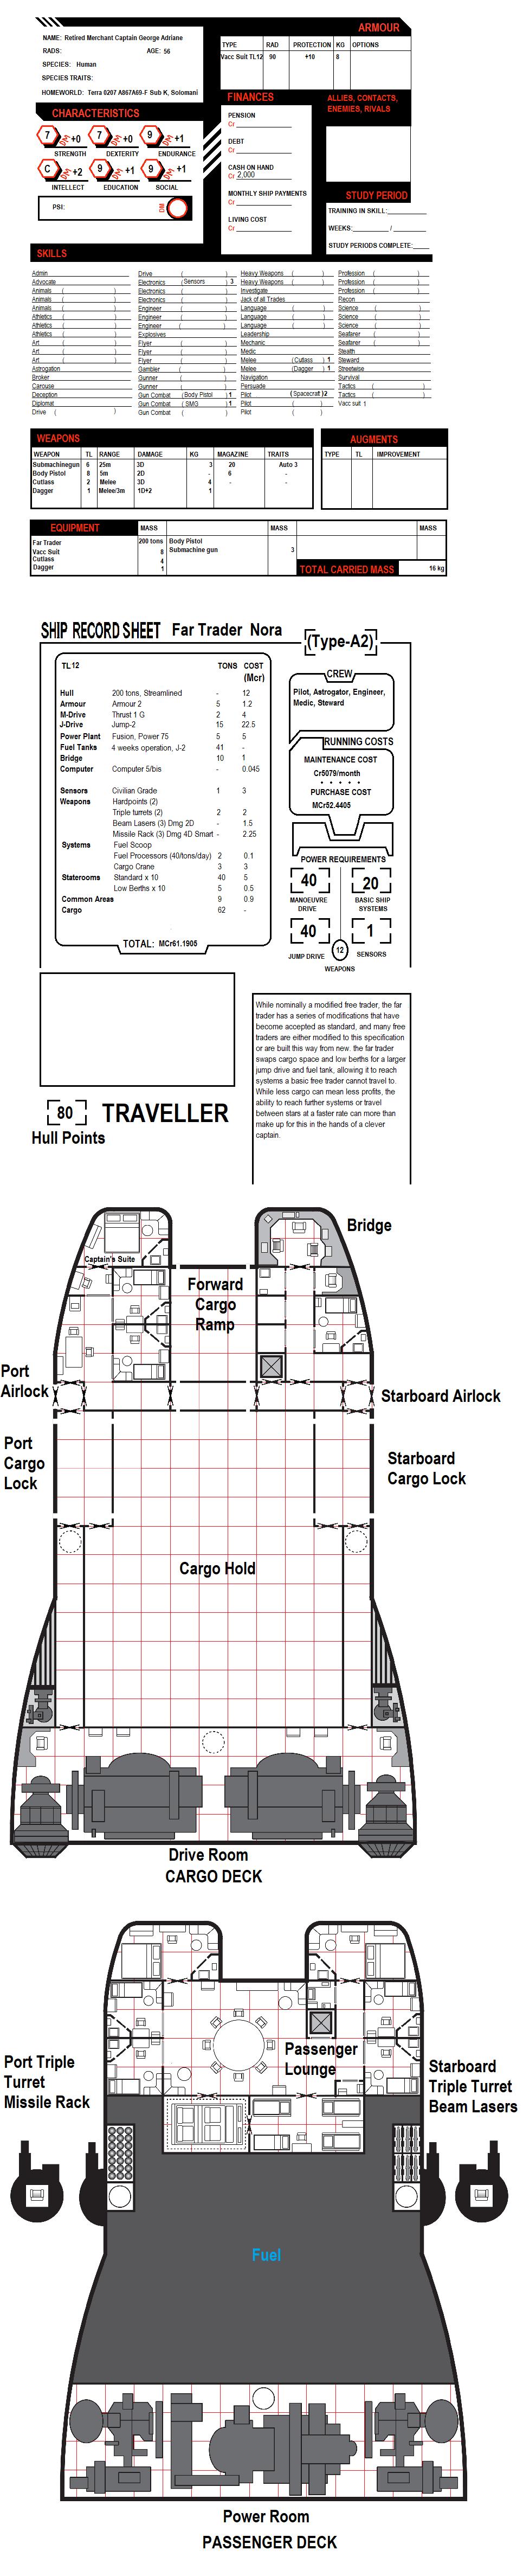 Traveller Character Sheet Retired Merchant Captain